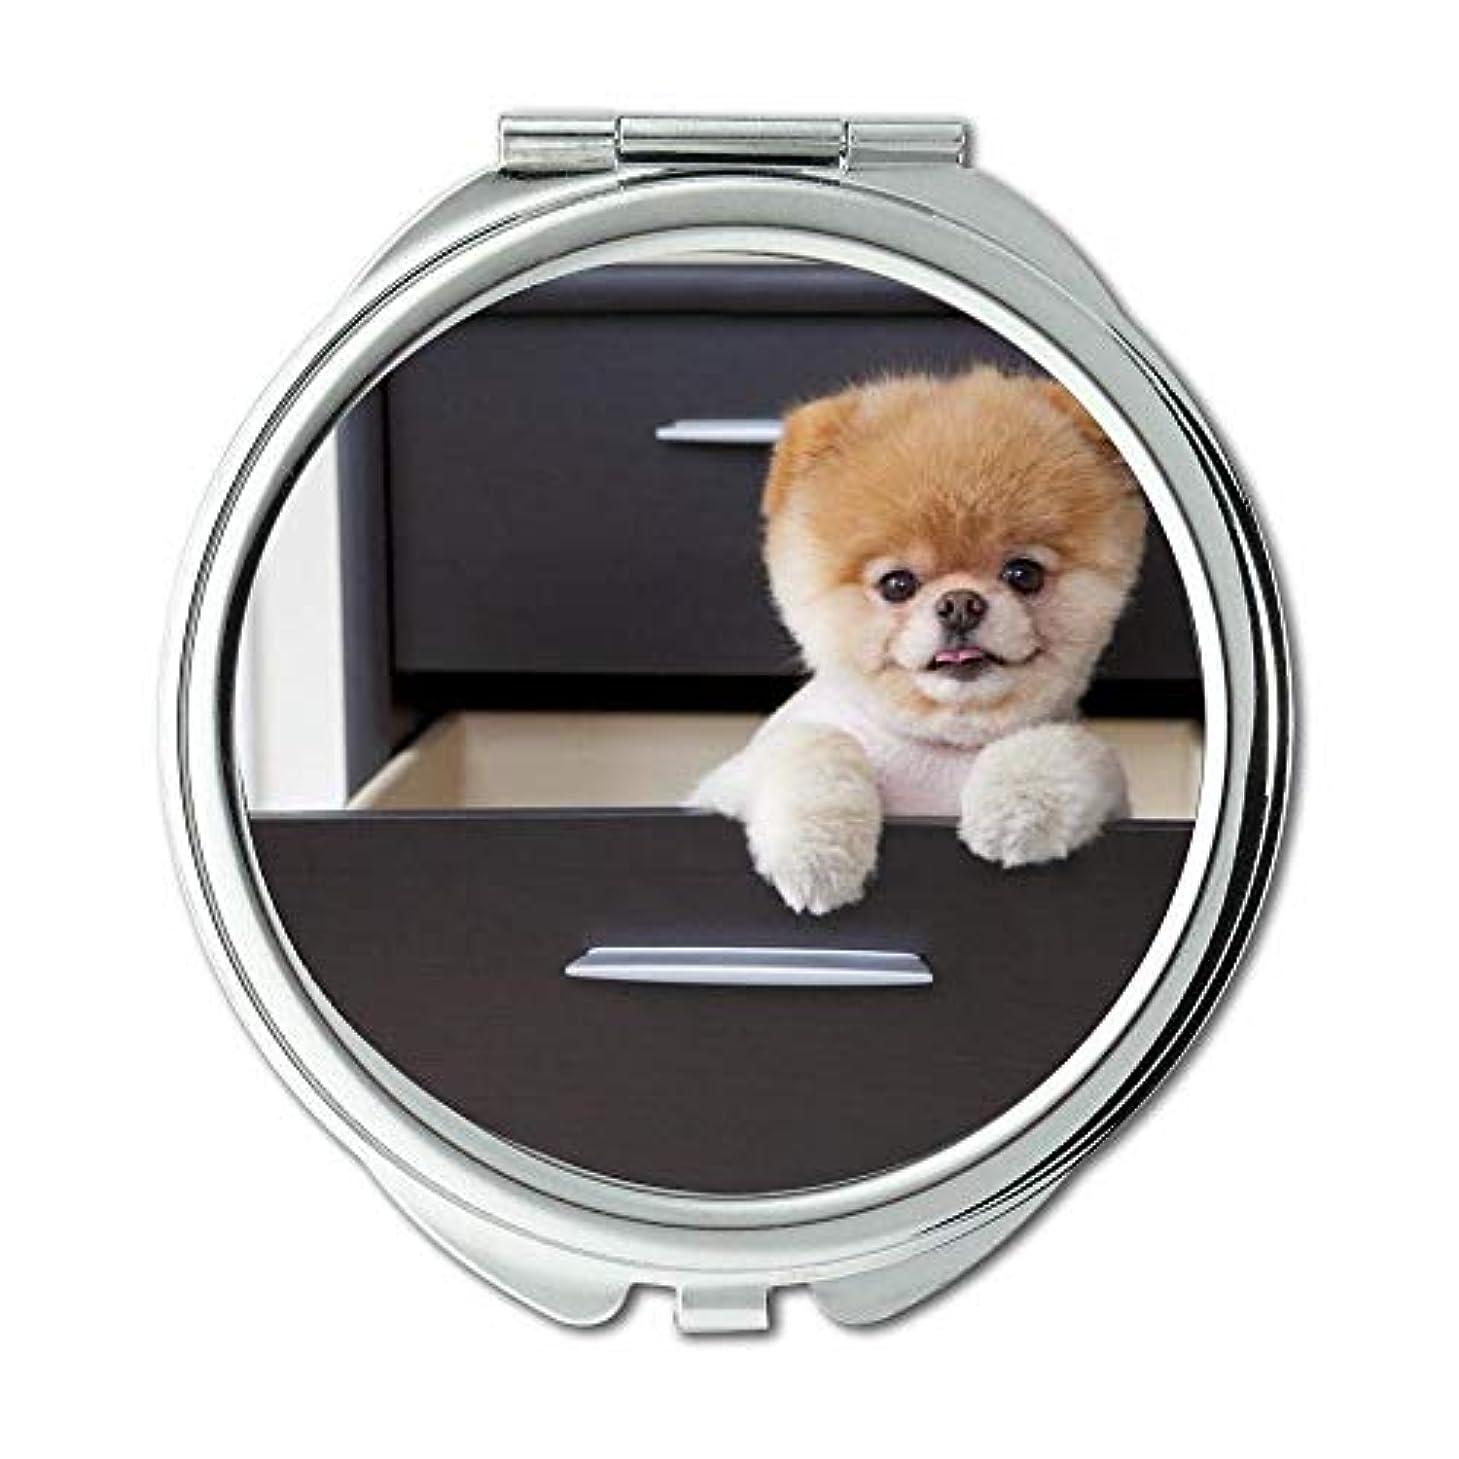 減衰放棄ピクニックをするミラー、スモールミラー、子犬犬のブードッグ、ポケットミラー、1 X 2X 倍の拡大鏡